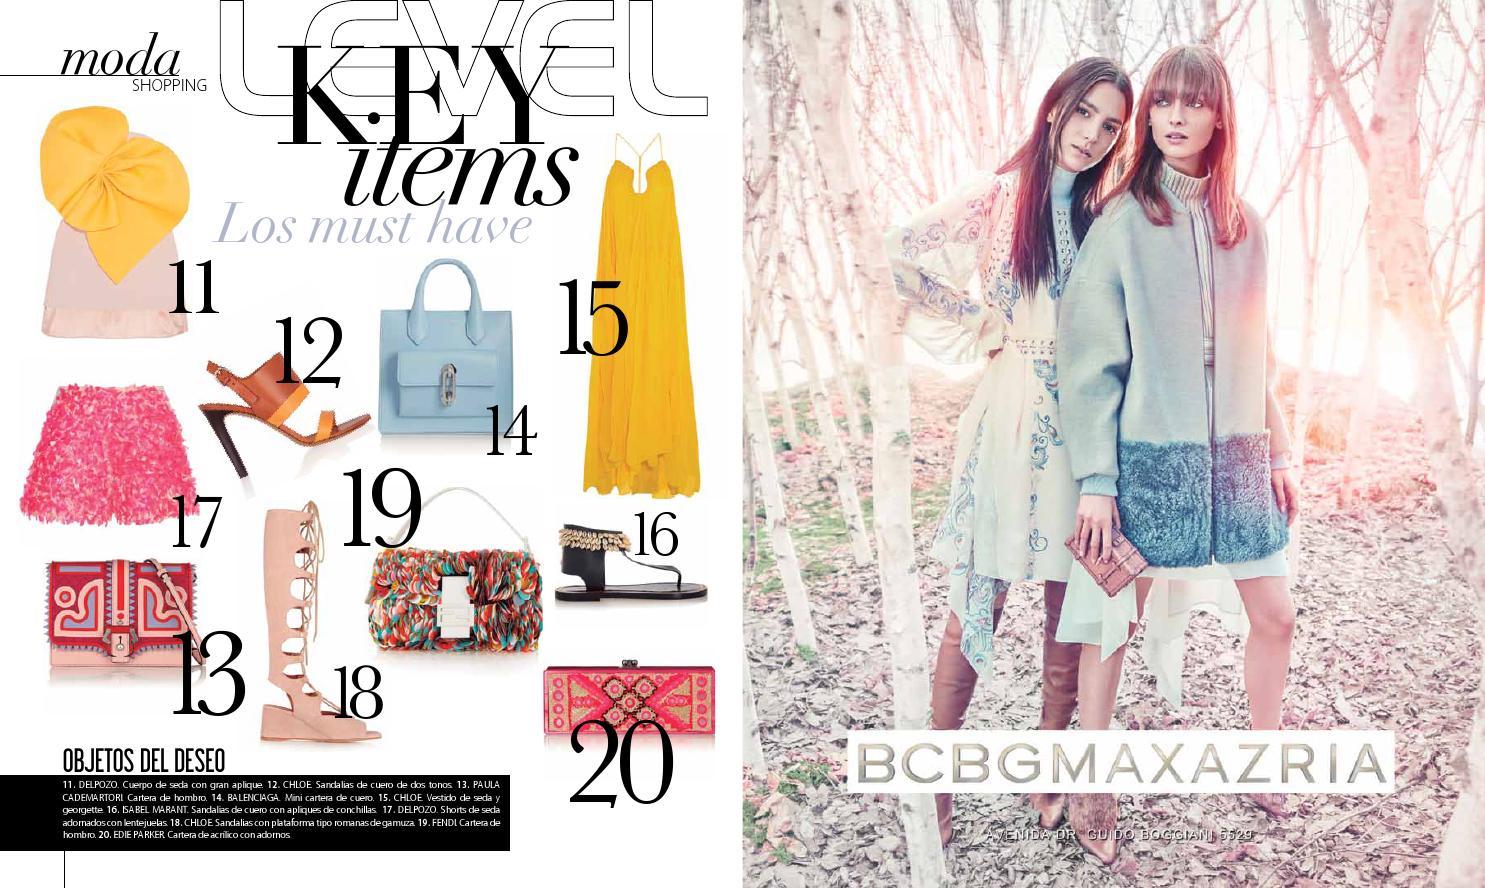 Primavera Edicion43 By 2015 Revista Issuu Level EDHIYbeW29